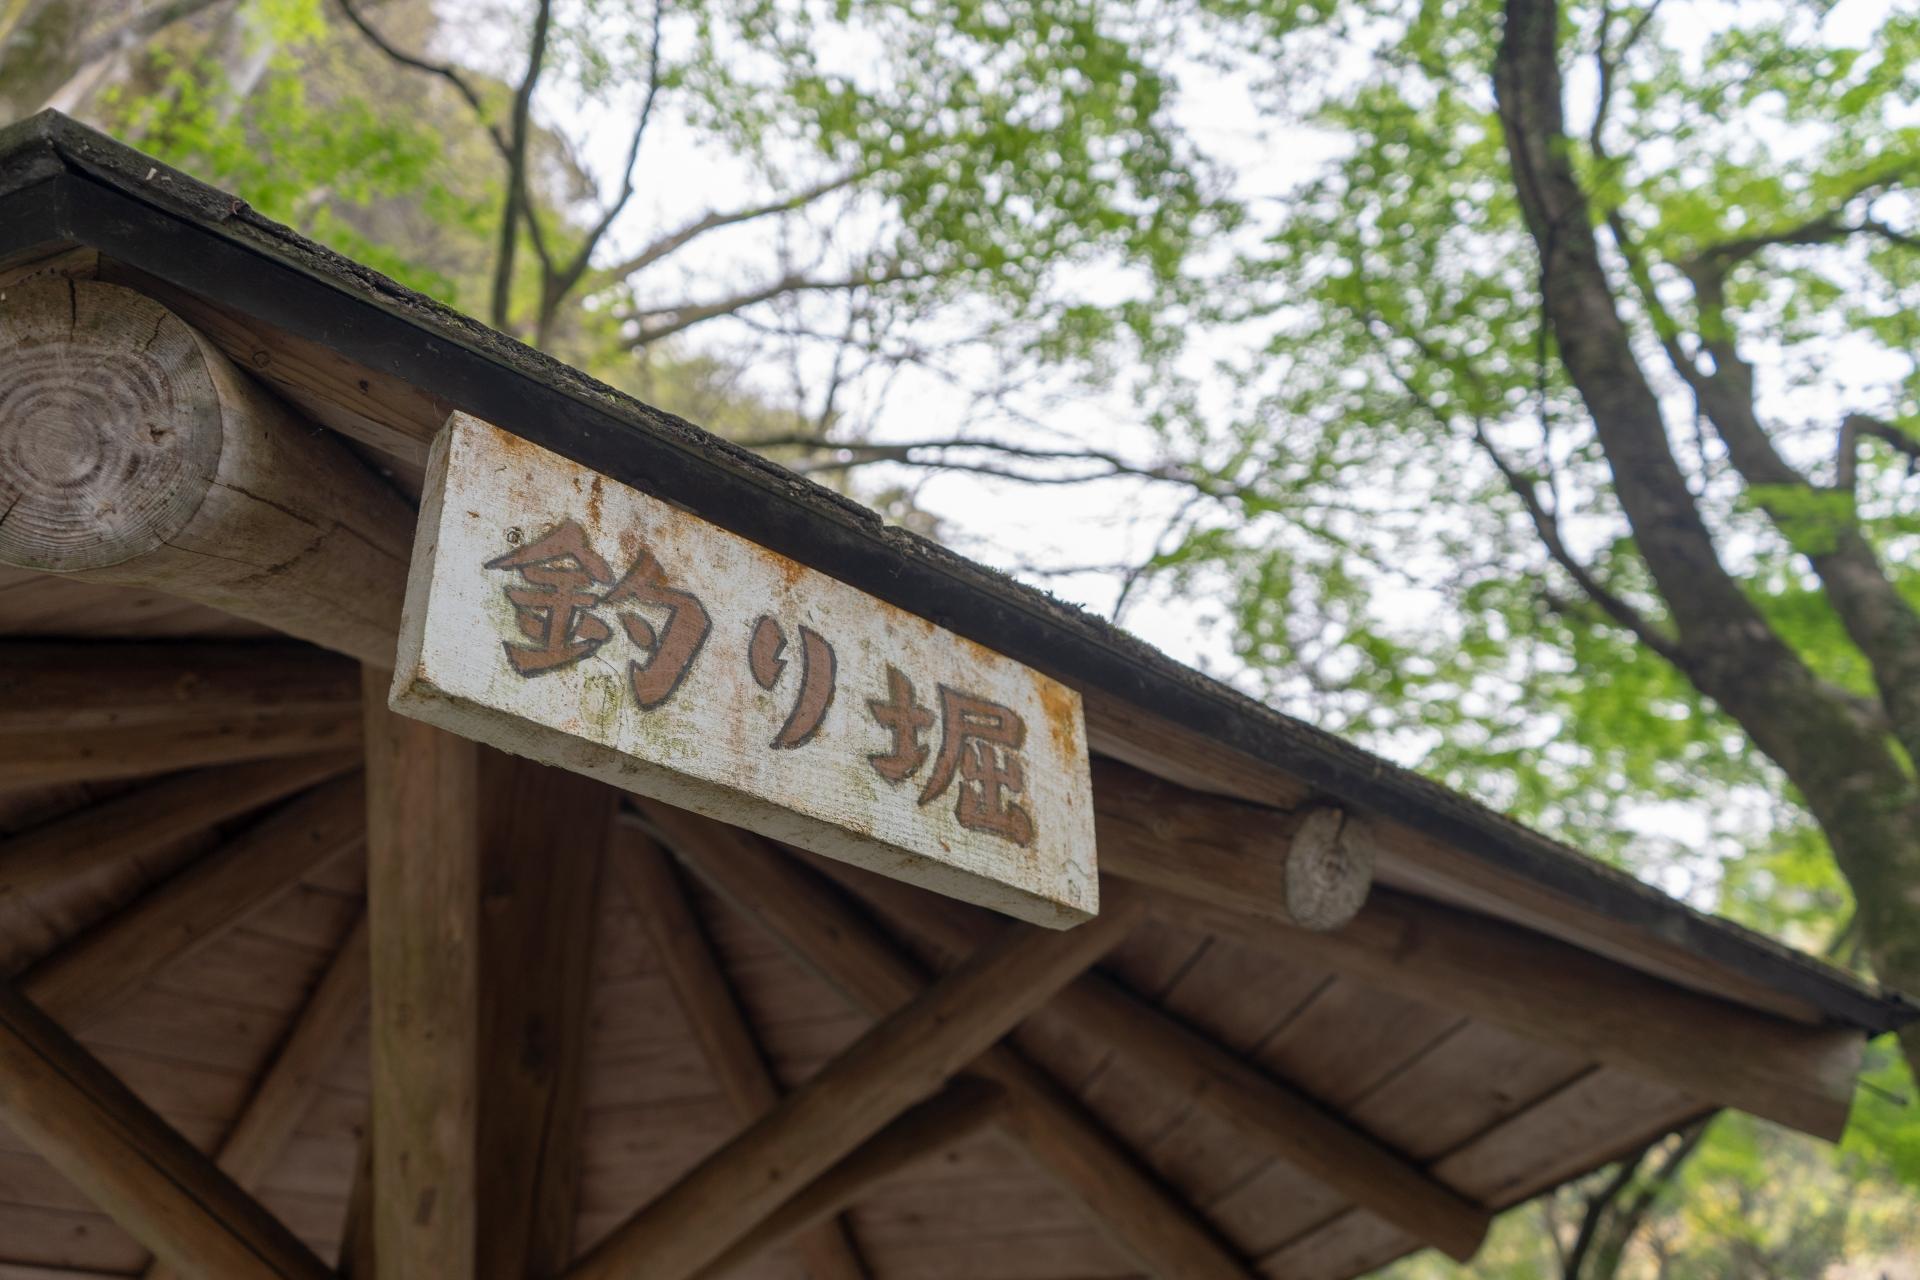 釣り堀サザン(大阪)の攻略法まとめ!釣果や釣れる場所・釣り方を伝授!